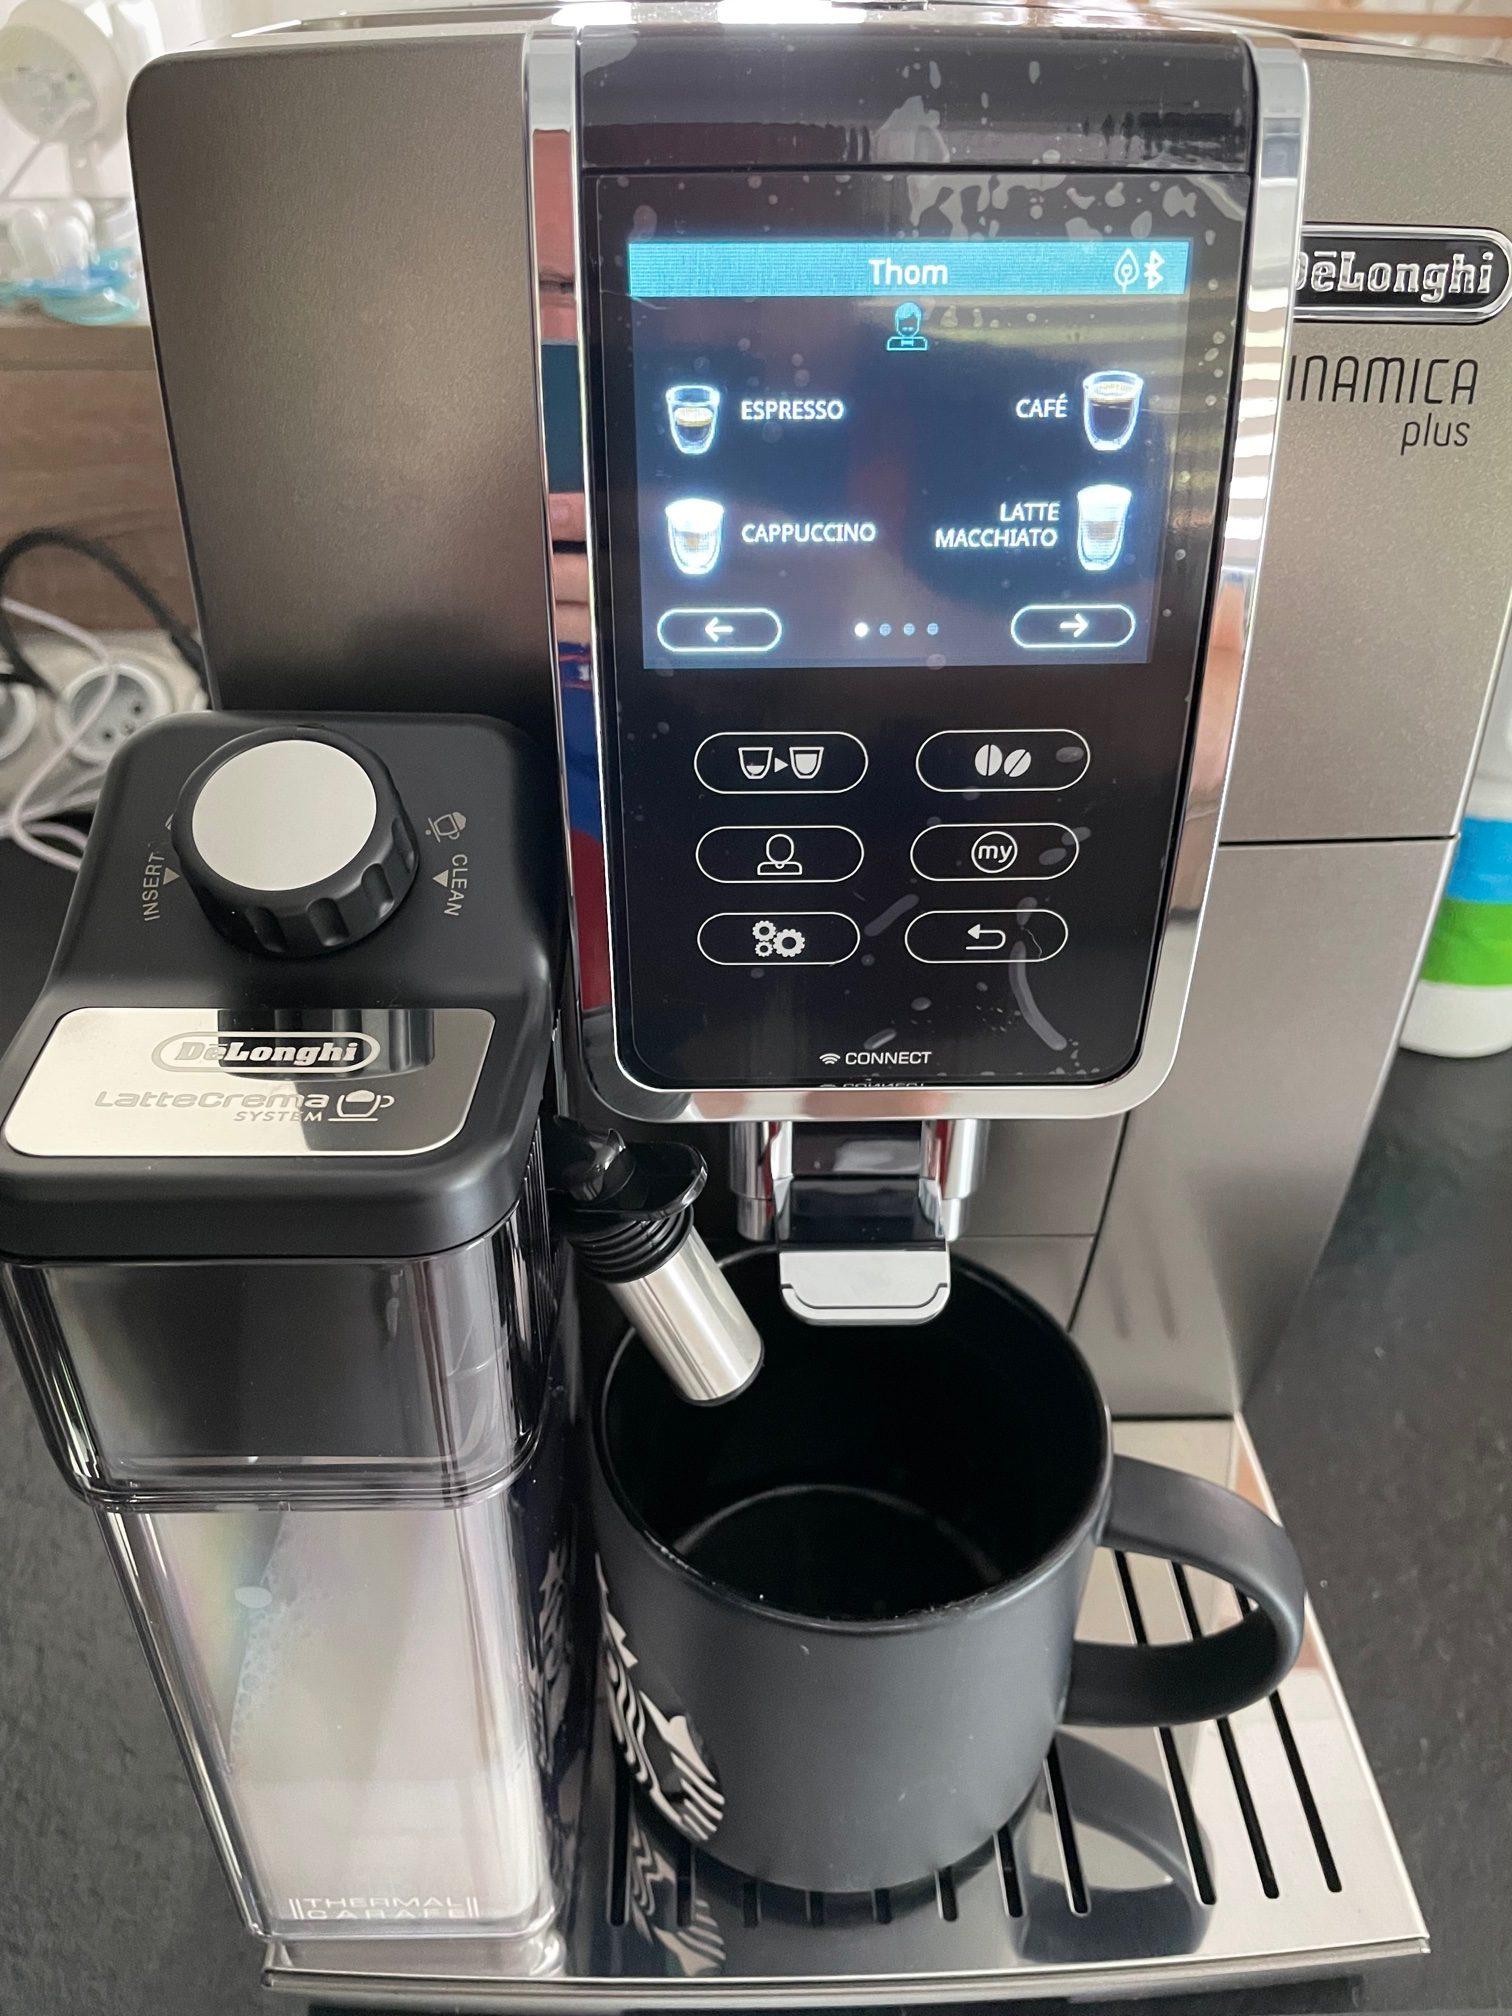 réalisation d'un café delonghi 14